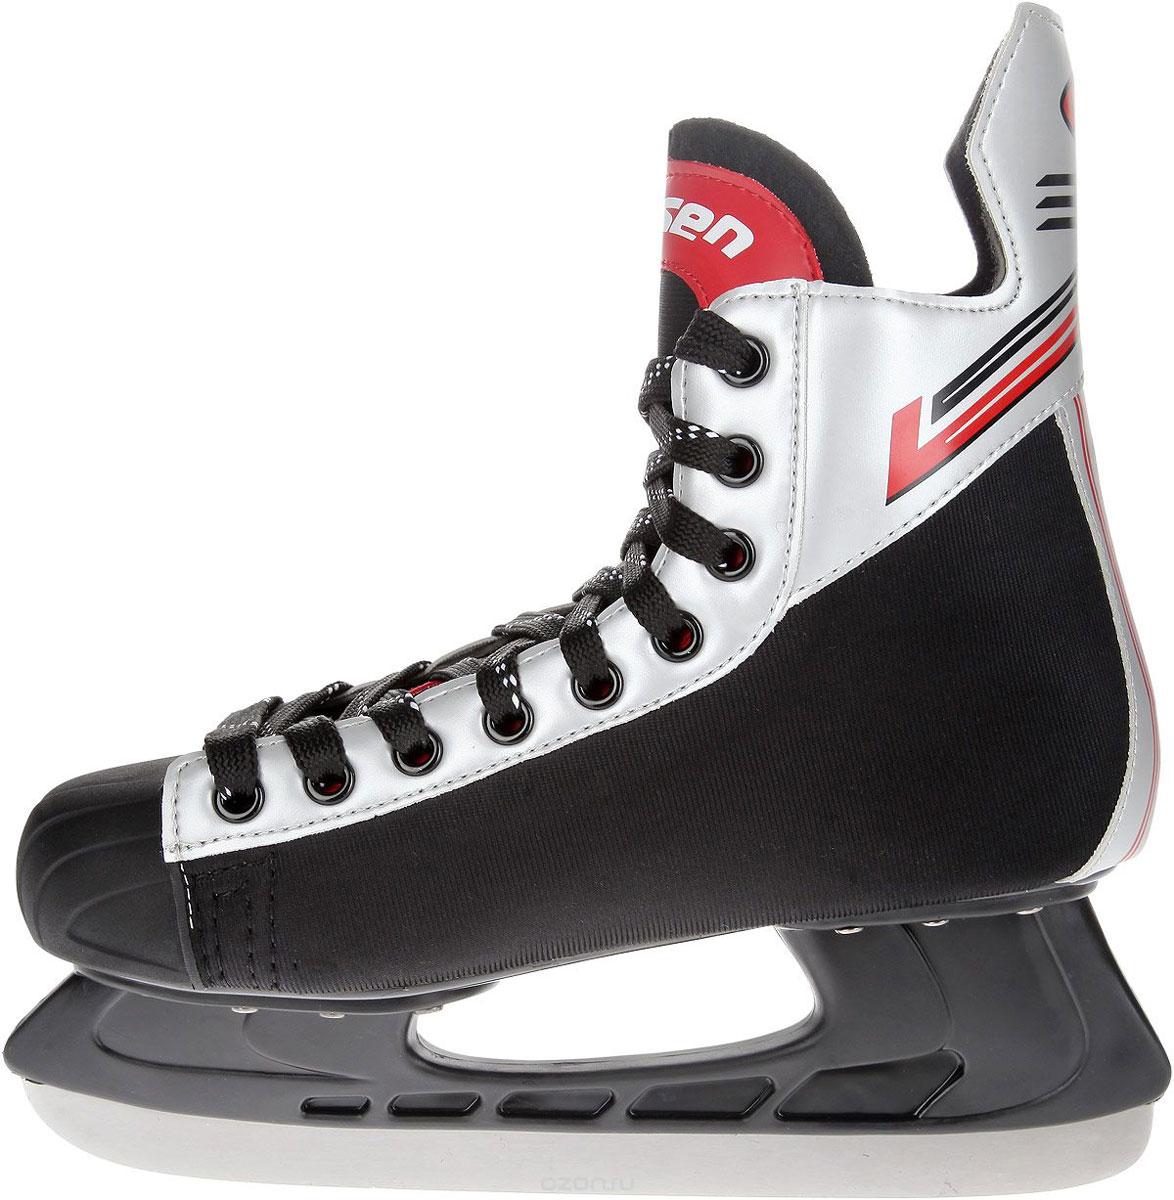 Коньки хоккейные мужские Larsen Alex, цвет: черный, серебристый, красный. Размер 36AlexСтильные коньки Alex от Larsen прекрасно подойдут для начинающих игроков в хоккей. Ботиноквыполнен из нейлона и морозоустойчивого поливинилхлорида. Мыс дополнен вставкой изполиуретана, которая защитит ноги от ударов. Внутренний слой изготовлен из мягкого текстиля,который обеспечит тепло и комфорт во время катания, язычок - из войлока. Плотная шнуровканадежно фиксирует модель на ноге. Голеностоп имеет удобный суппорт. Стелька из EVA стекстильной поверхностью обеспечит комфортное катание. Стойка выполнена изударопрочного полипропилена. Лезвие из нержавеющей стали обеспечит превосходноескольжение. В комплект входят пластиковые чехлы для лезвий.